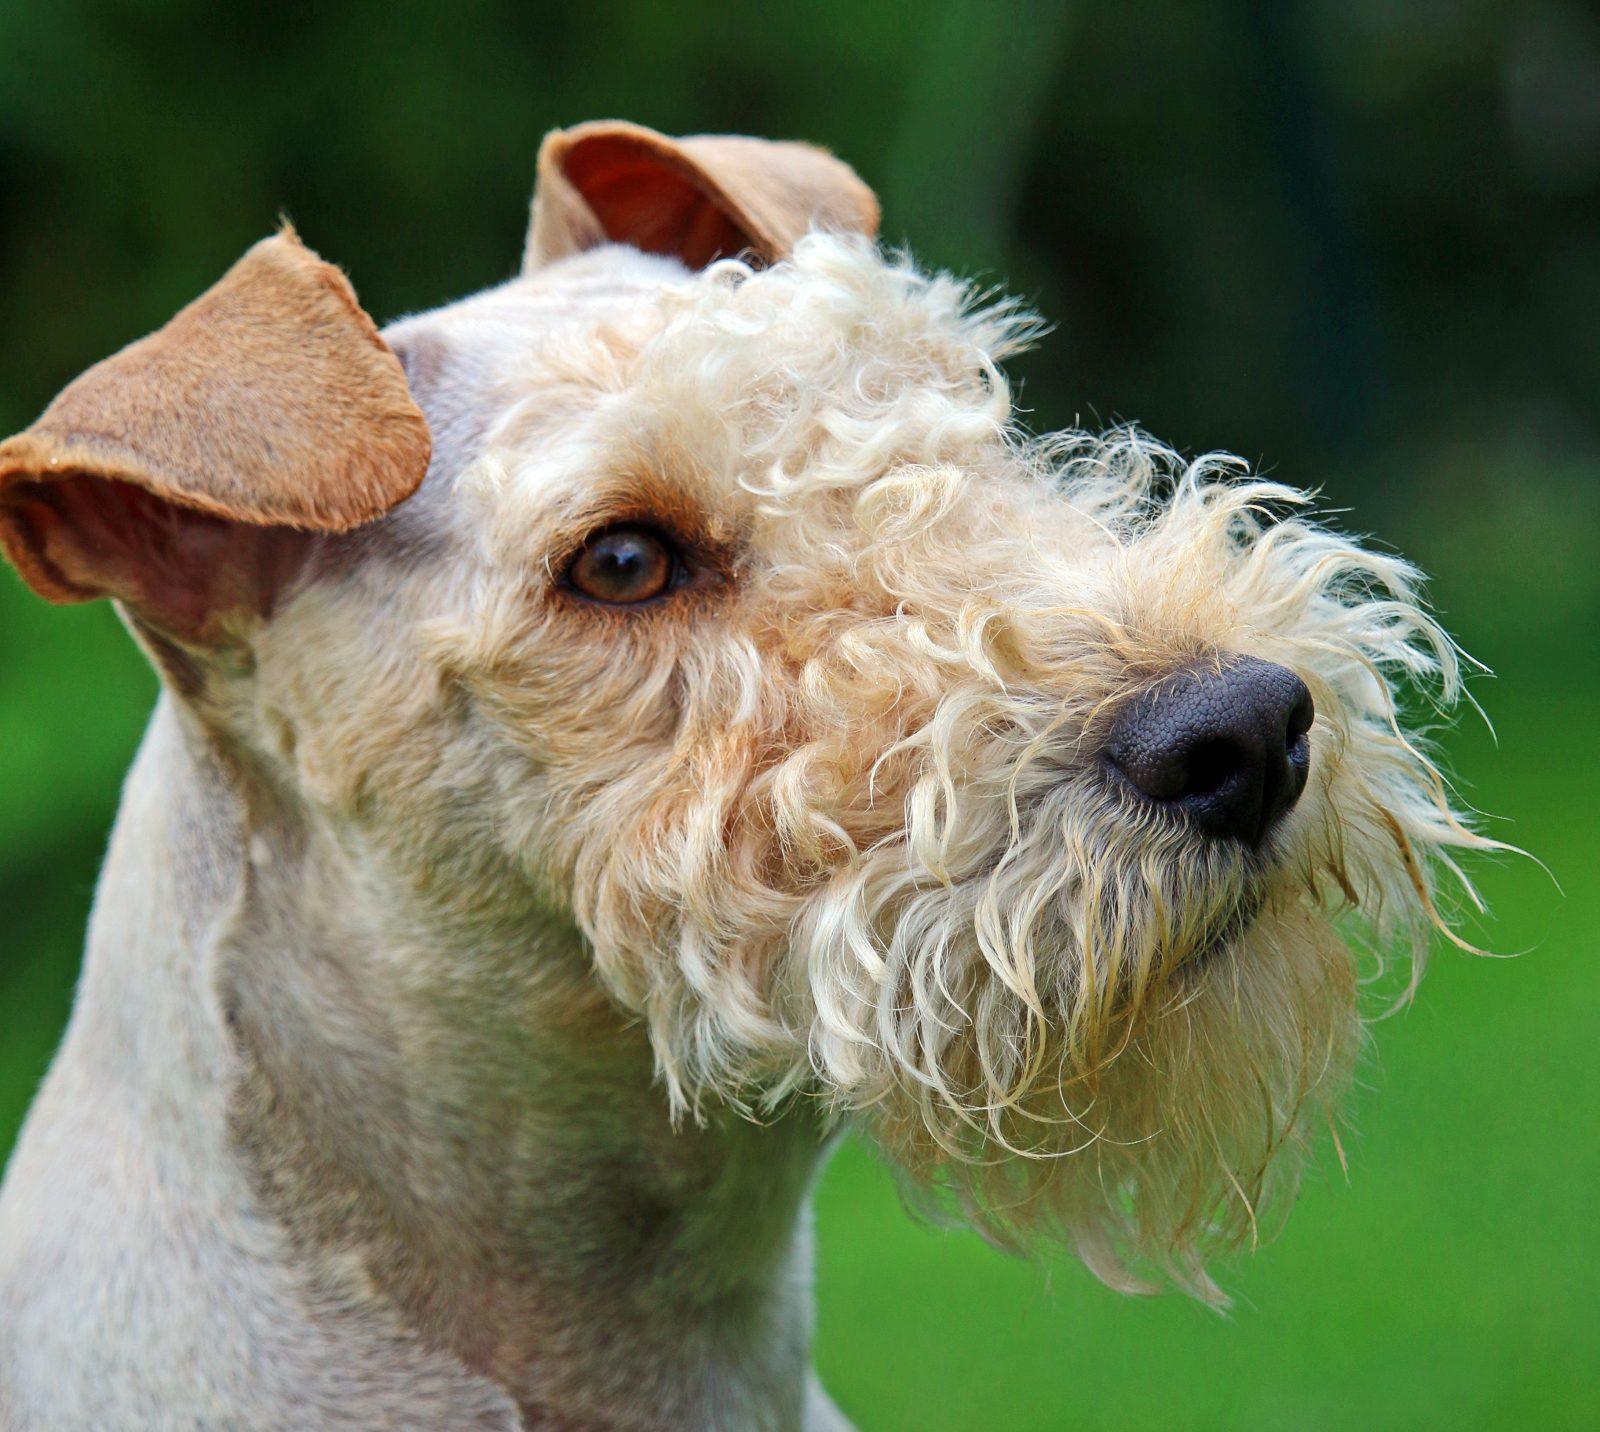 Cachorros de pequeno porte: Lakeland Terrier com sua face característica no gramado do jardim.